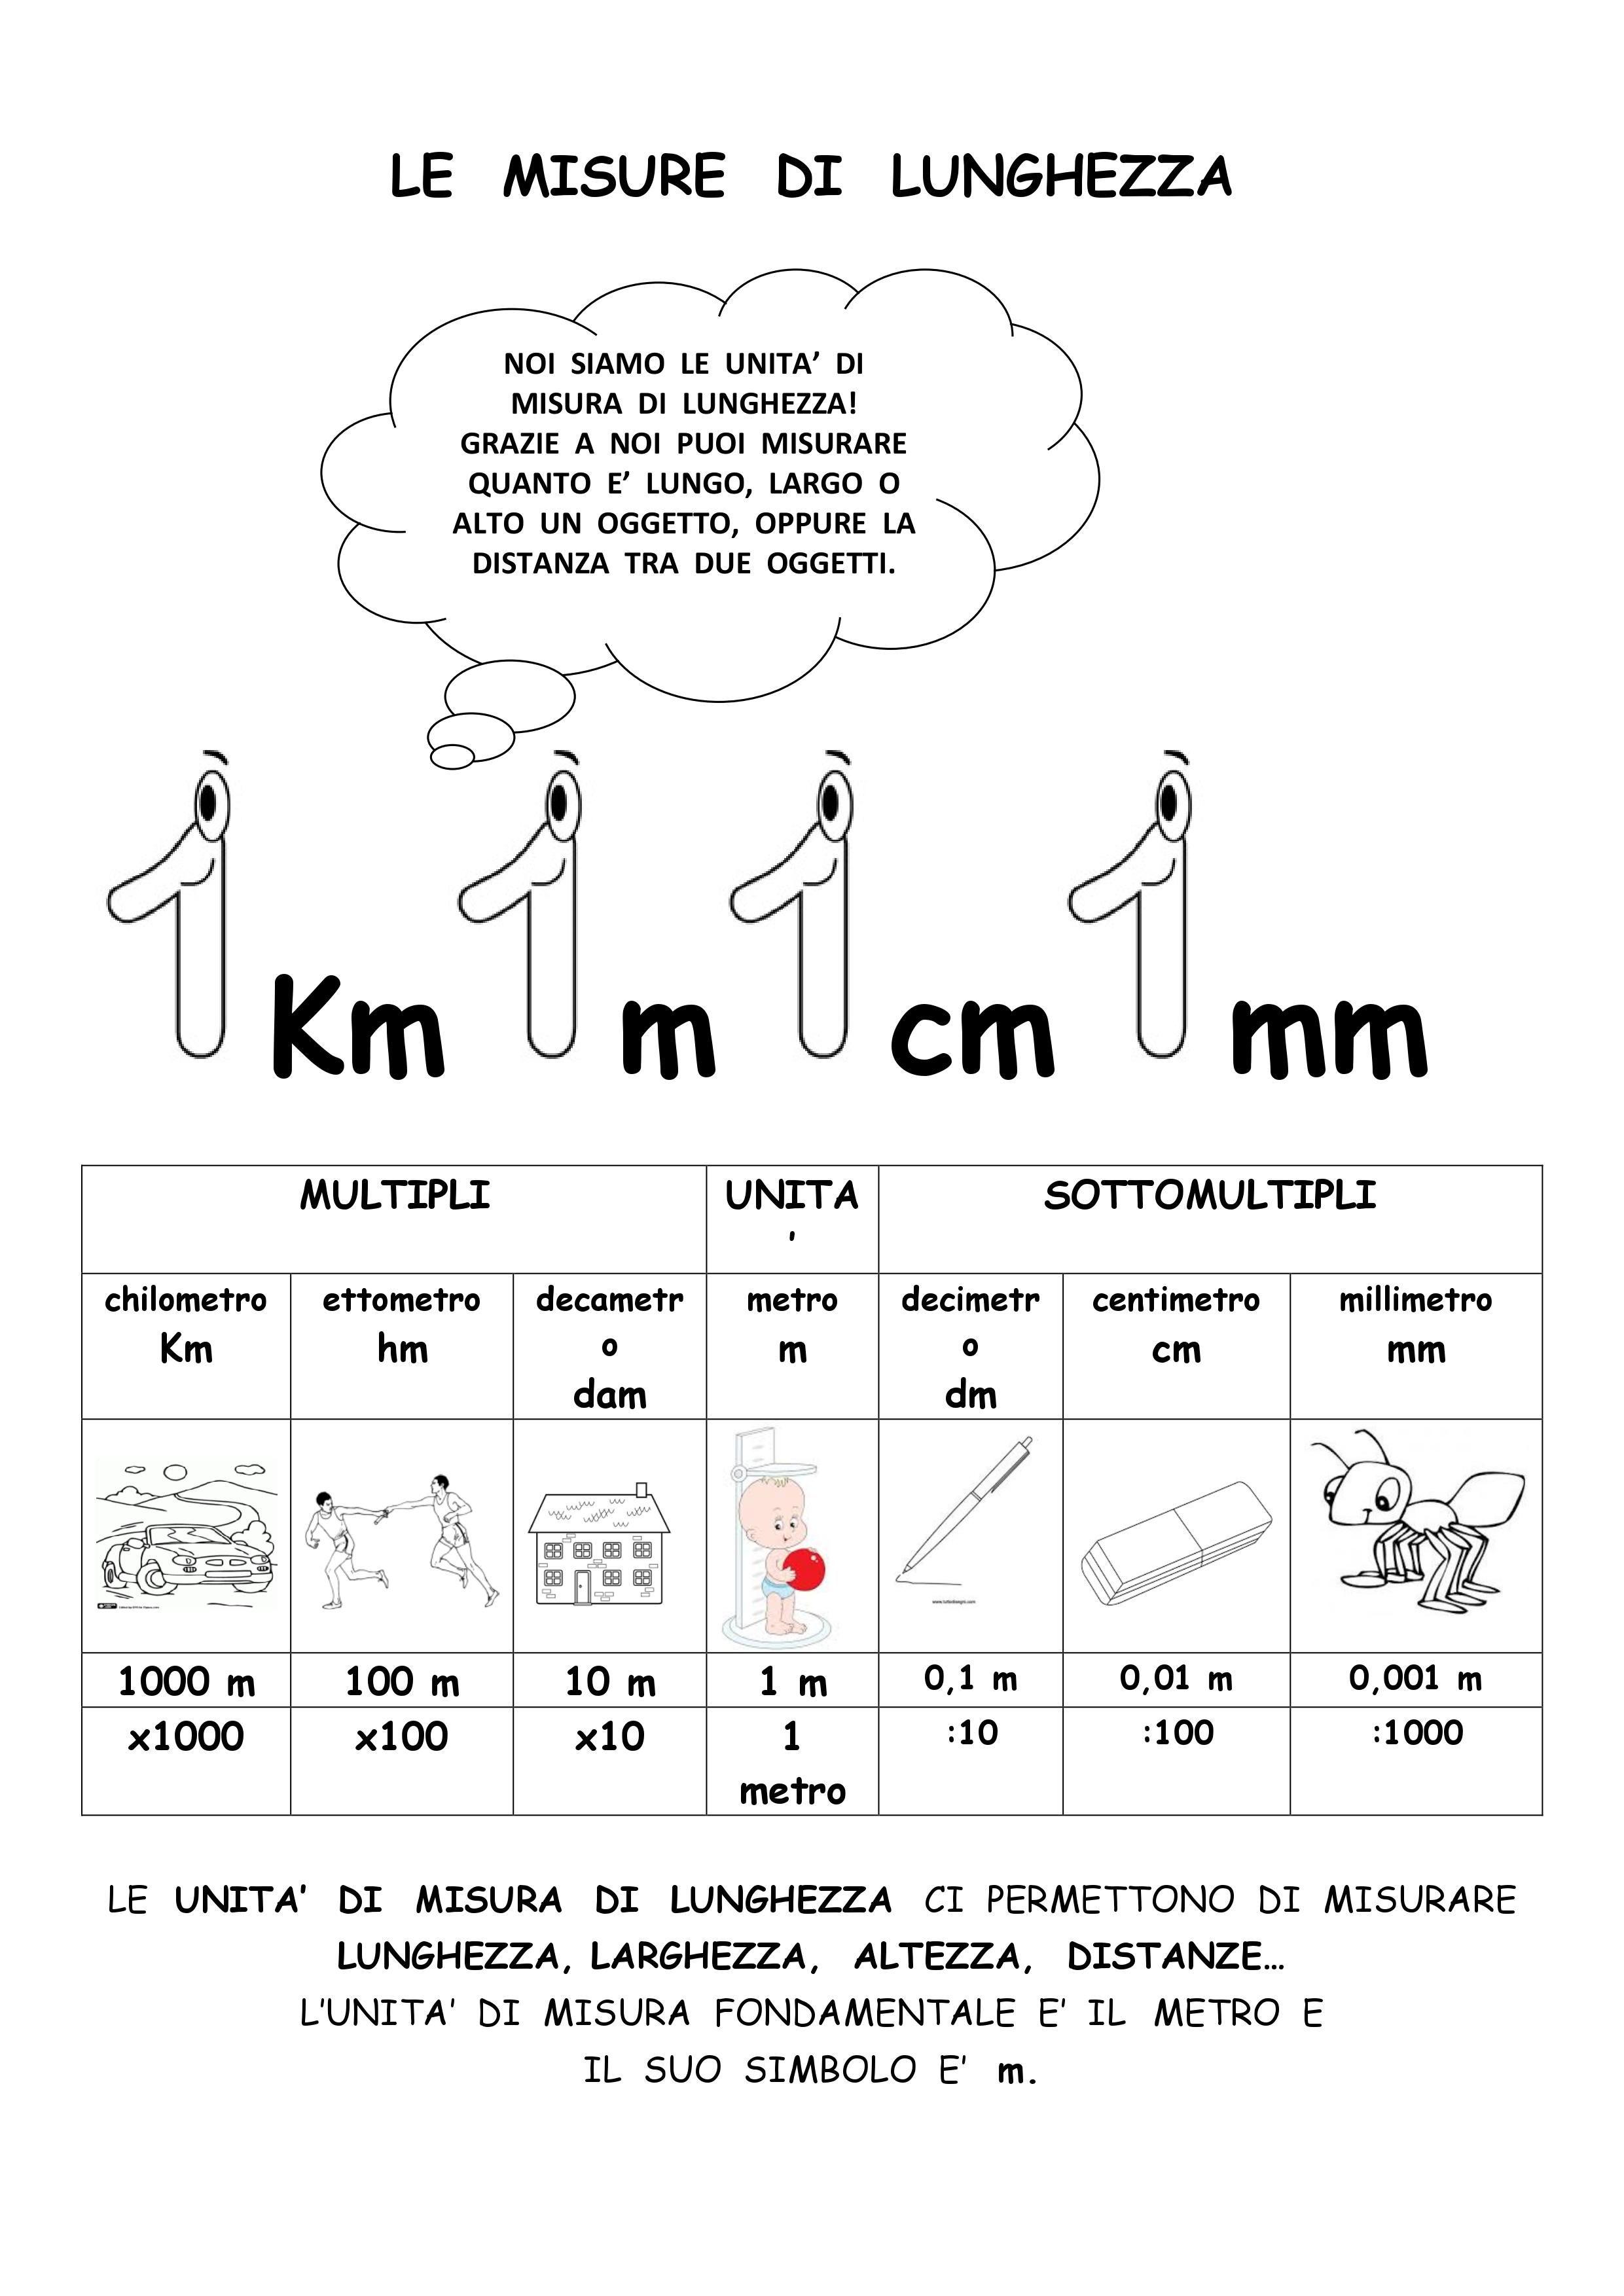 misure di lunghezza | Lezioni di matematica, Matematica ...